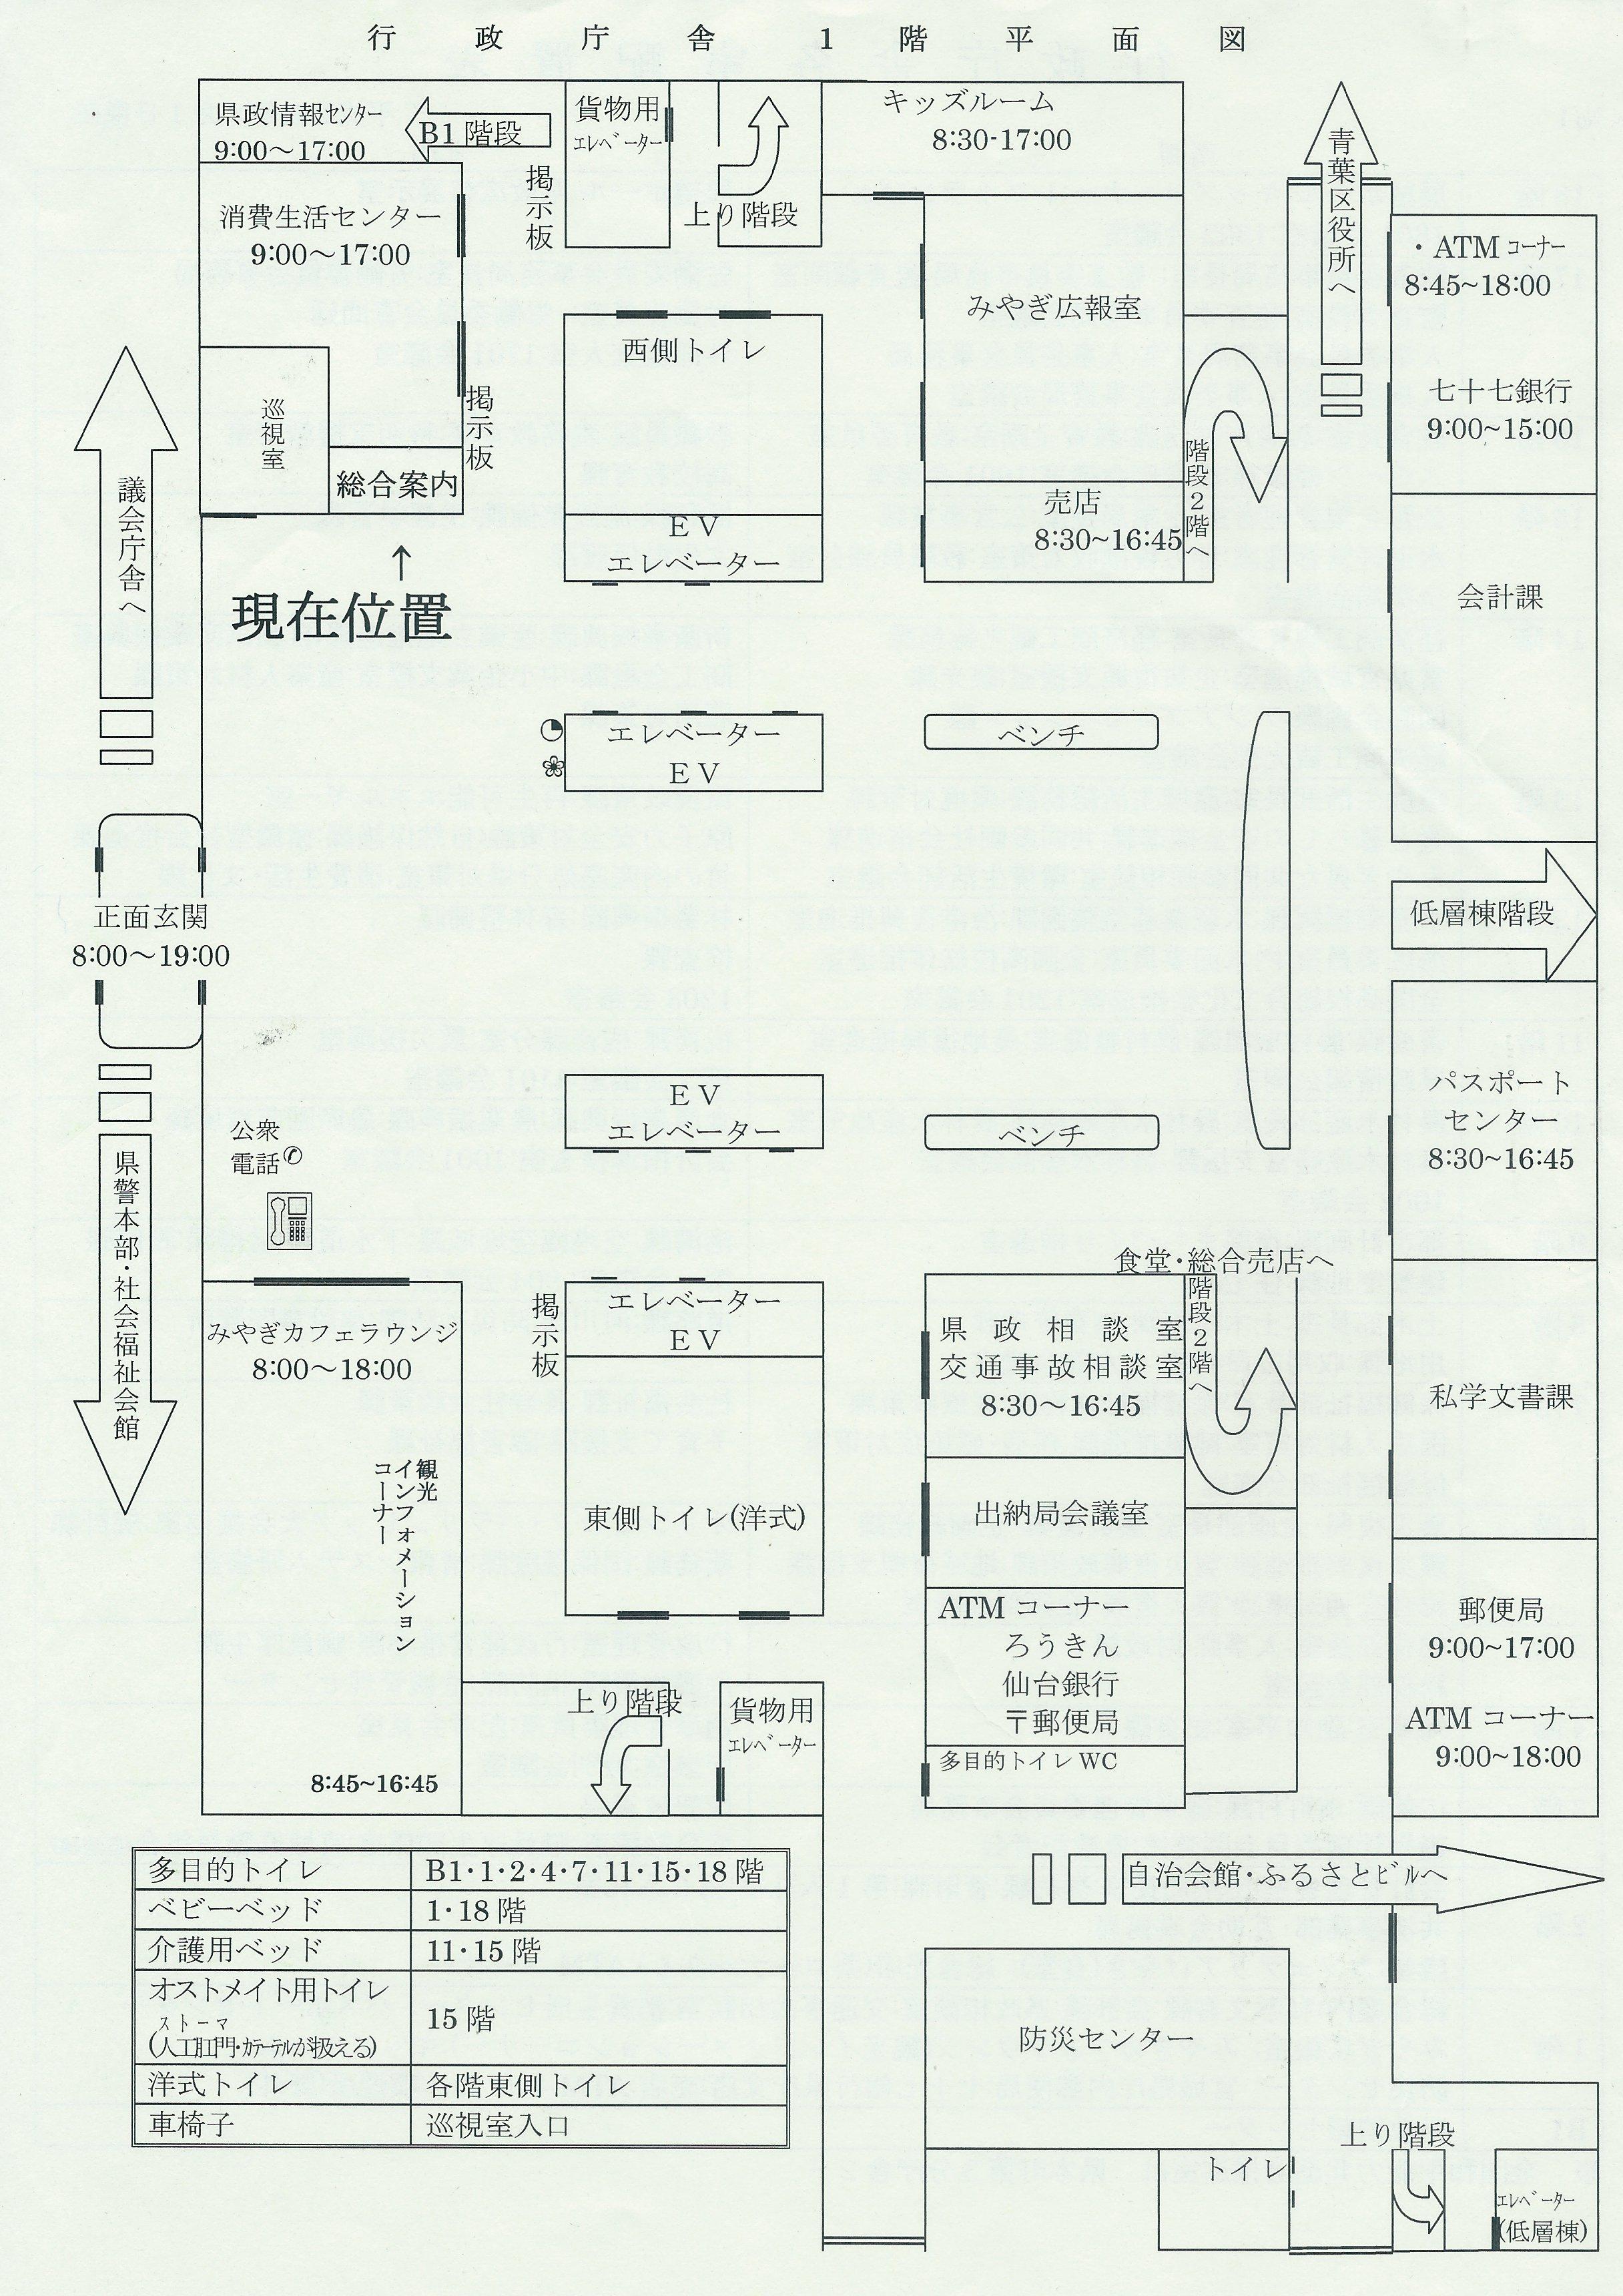 県庁配置表2